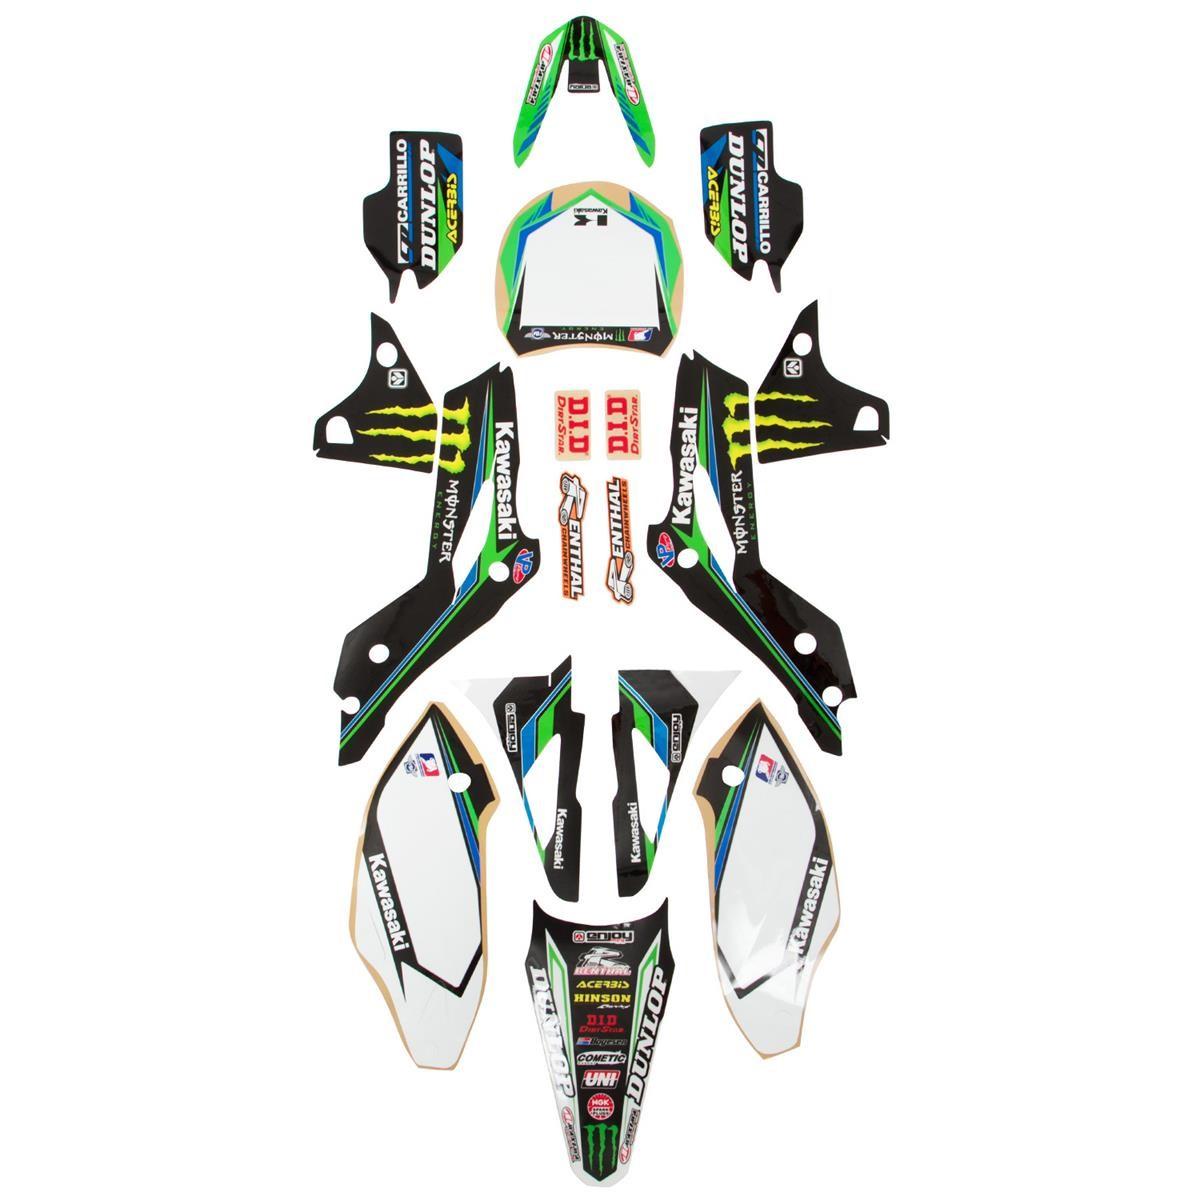 Kawasaki Mfg